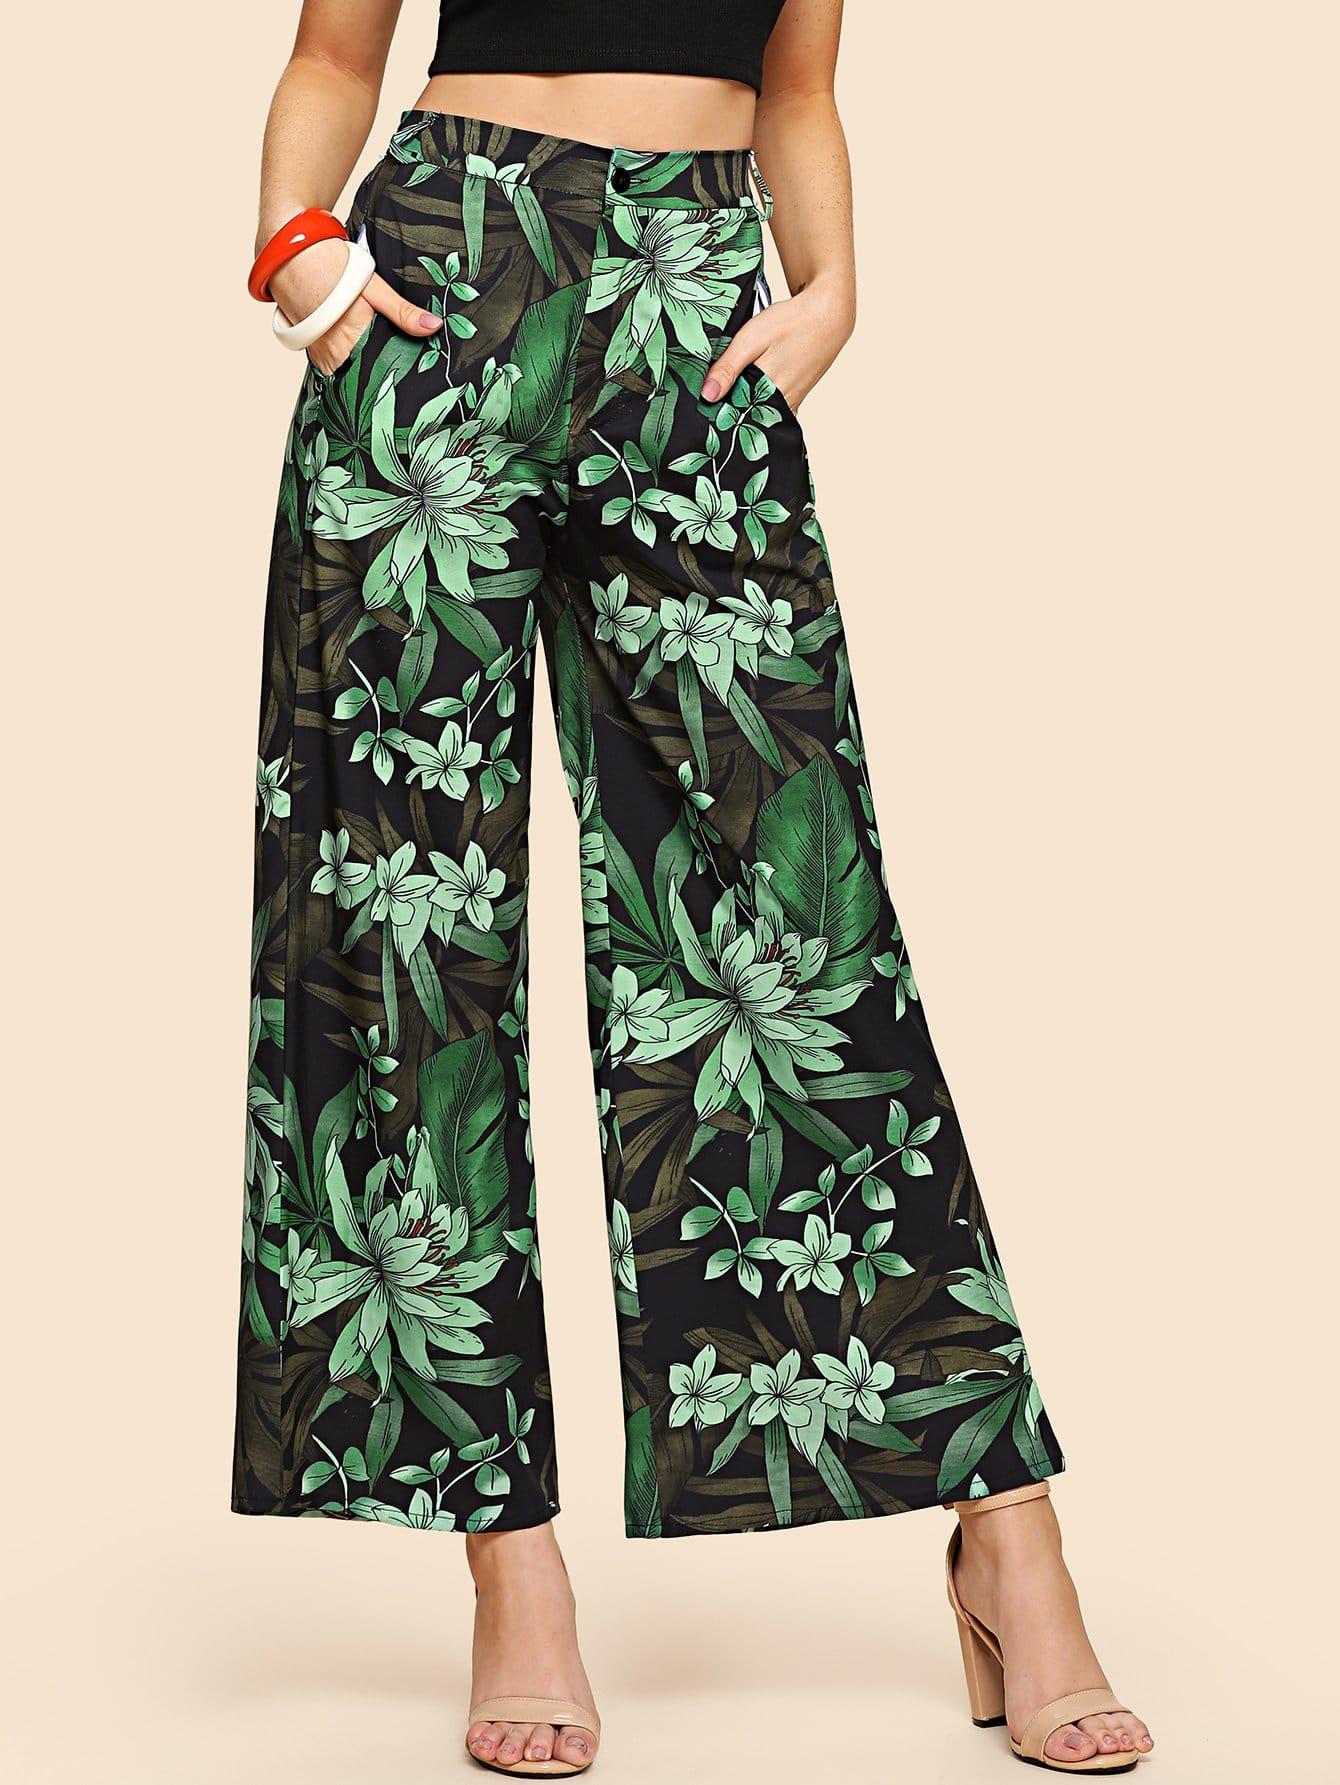 Ботанические брюки с широкими ногами, Nathane, SheIn  - купить со скидкой